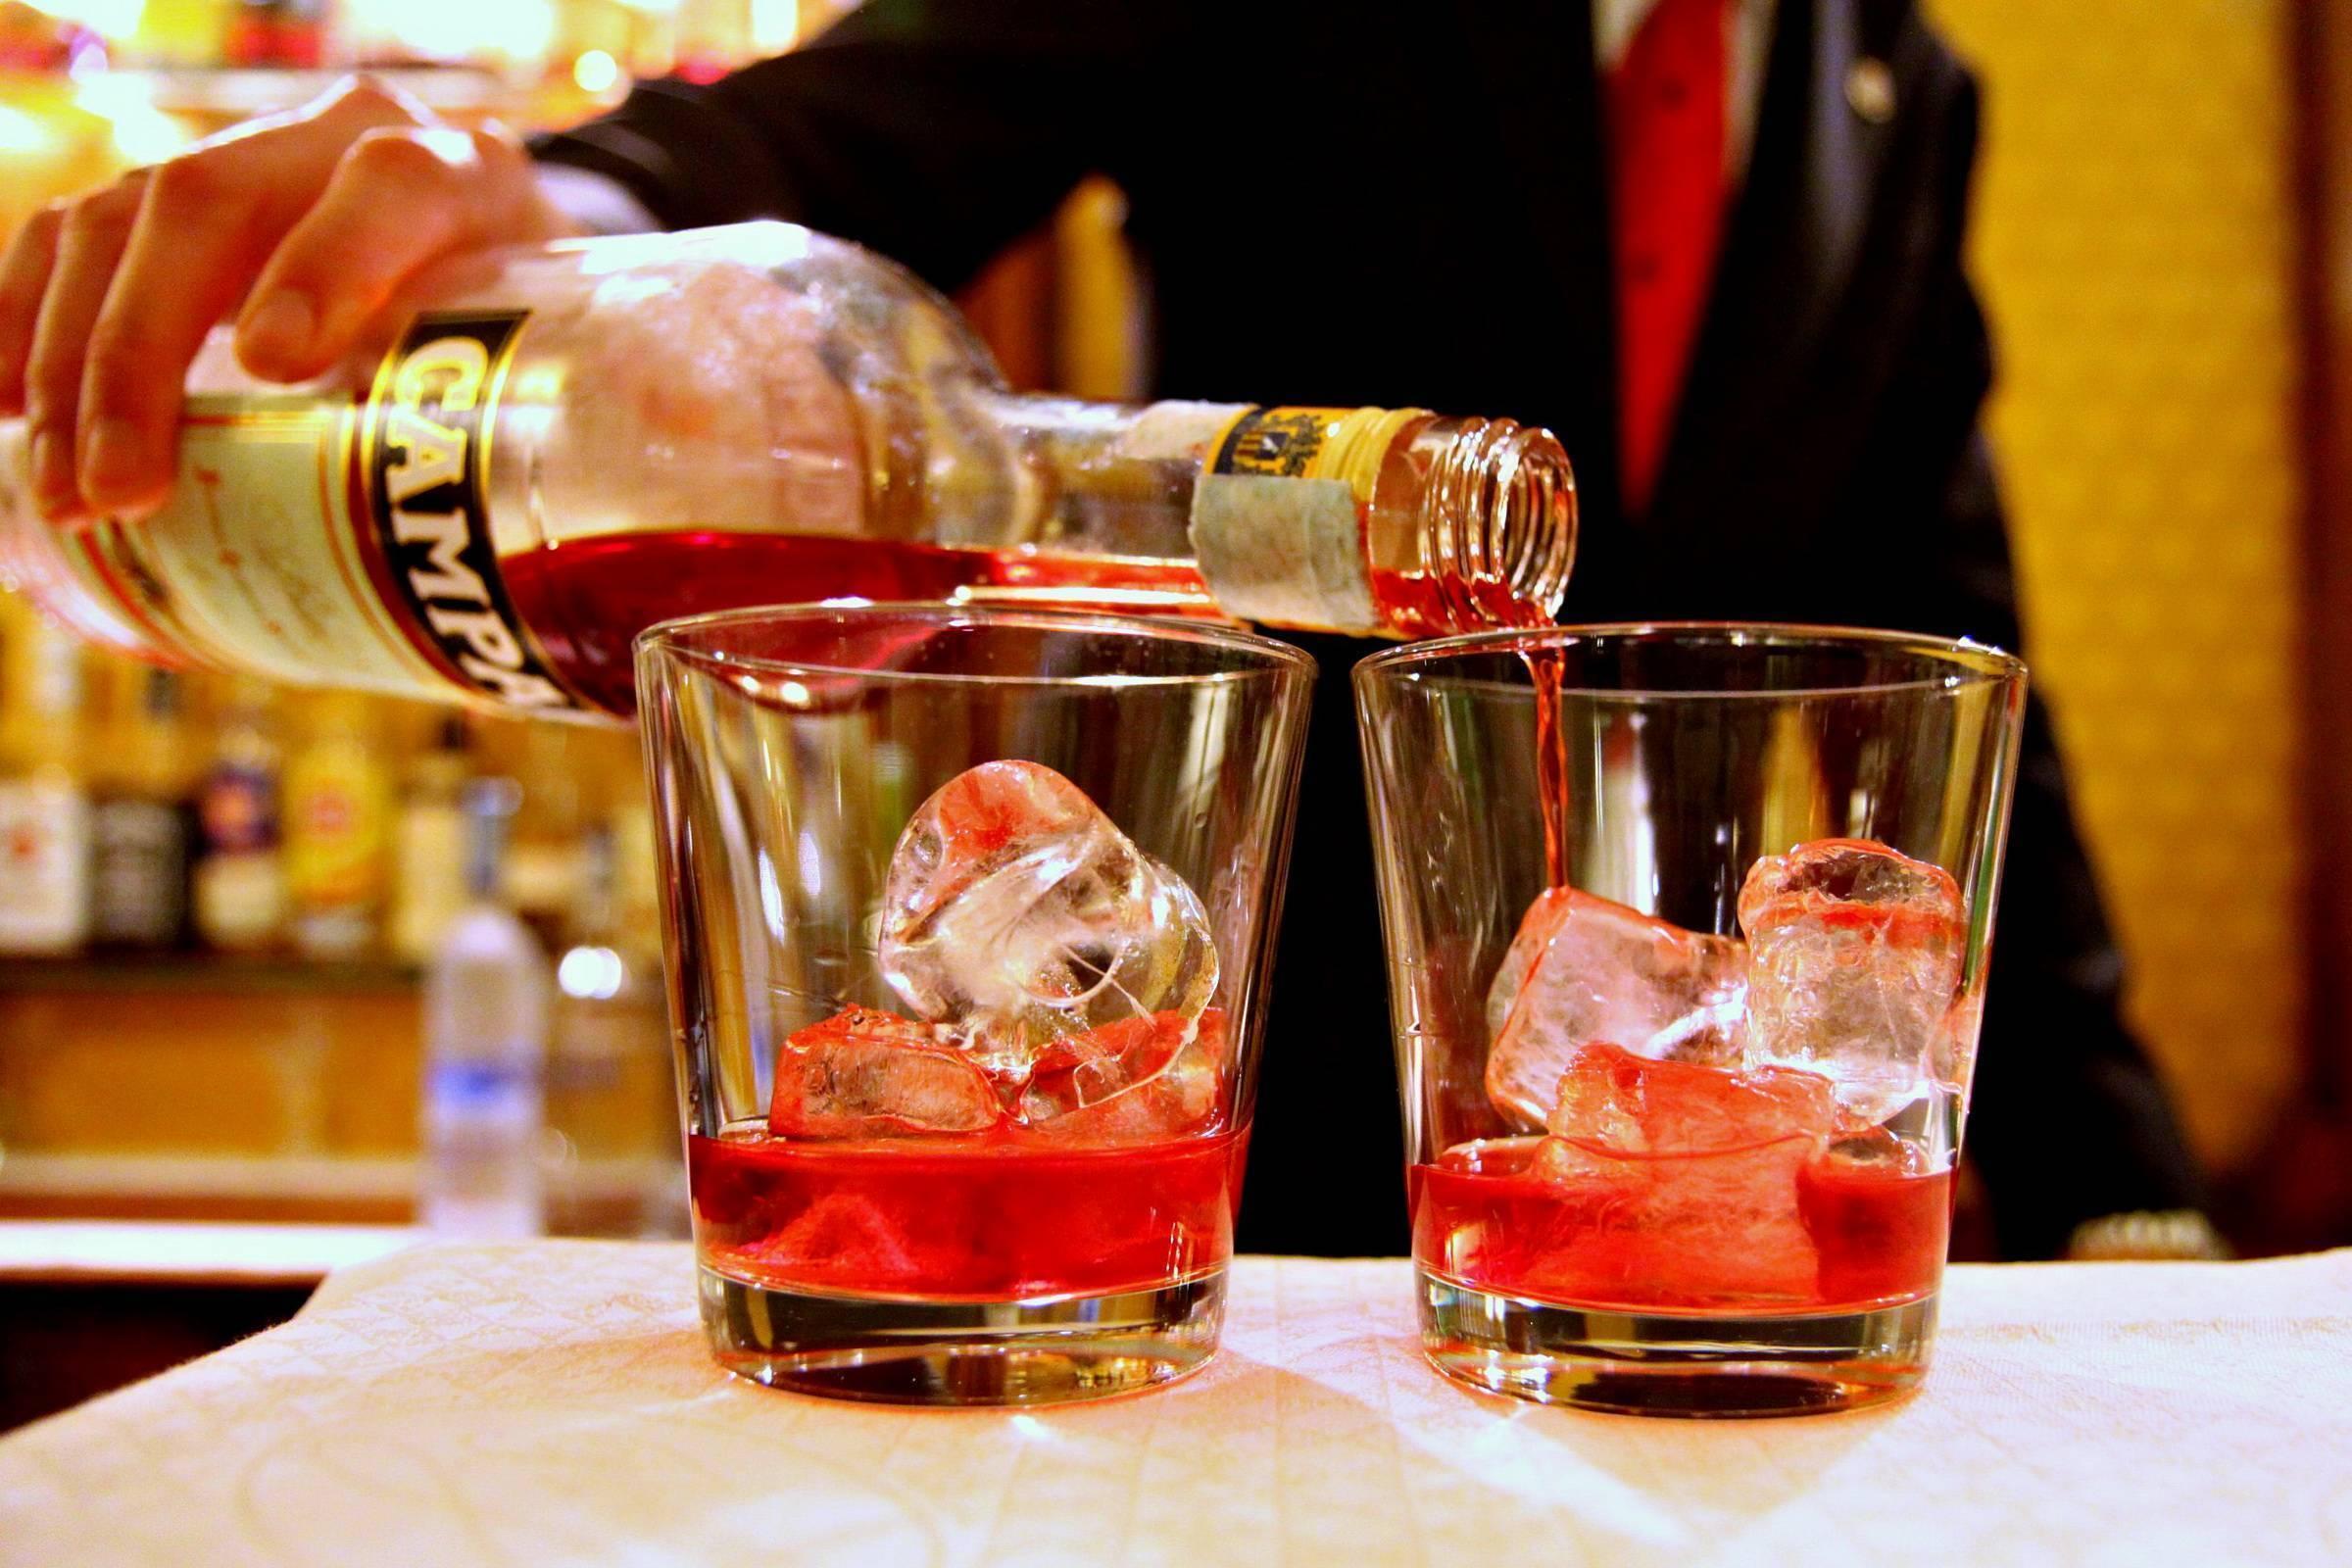 Аперитив и дижестив: что относится к этим алкогольным напиткам и как их пьют   mosspravki.ru